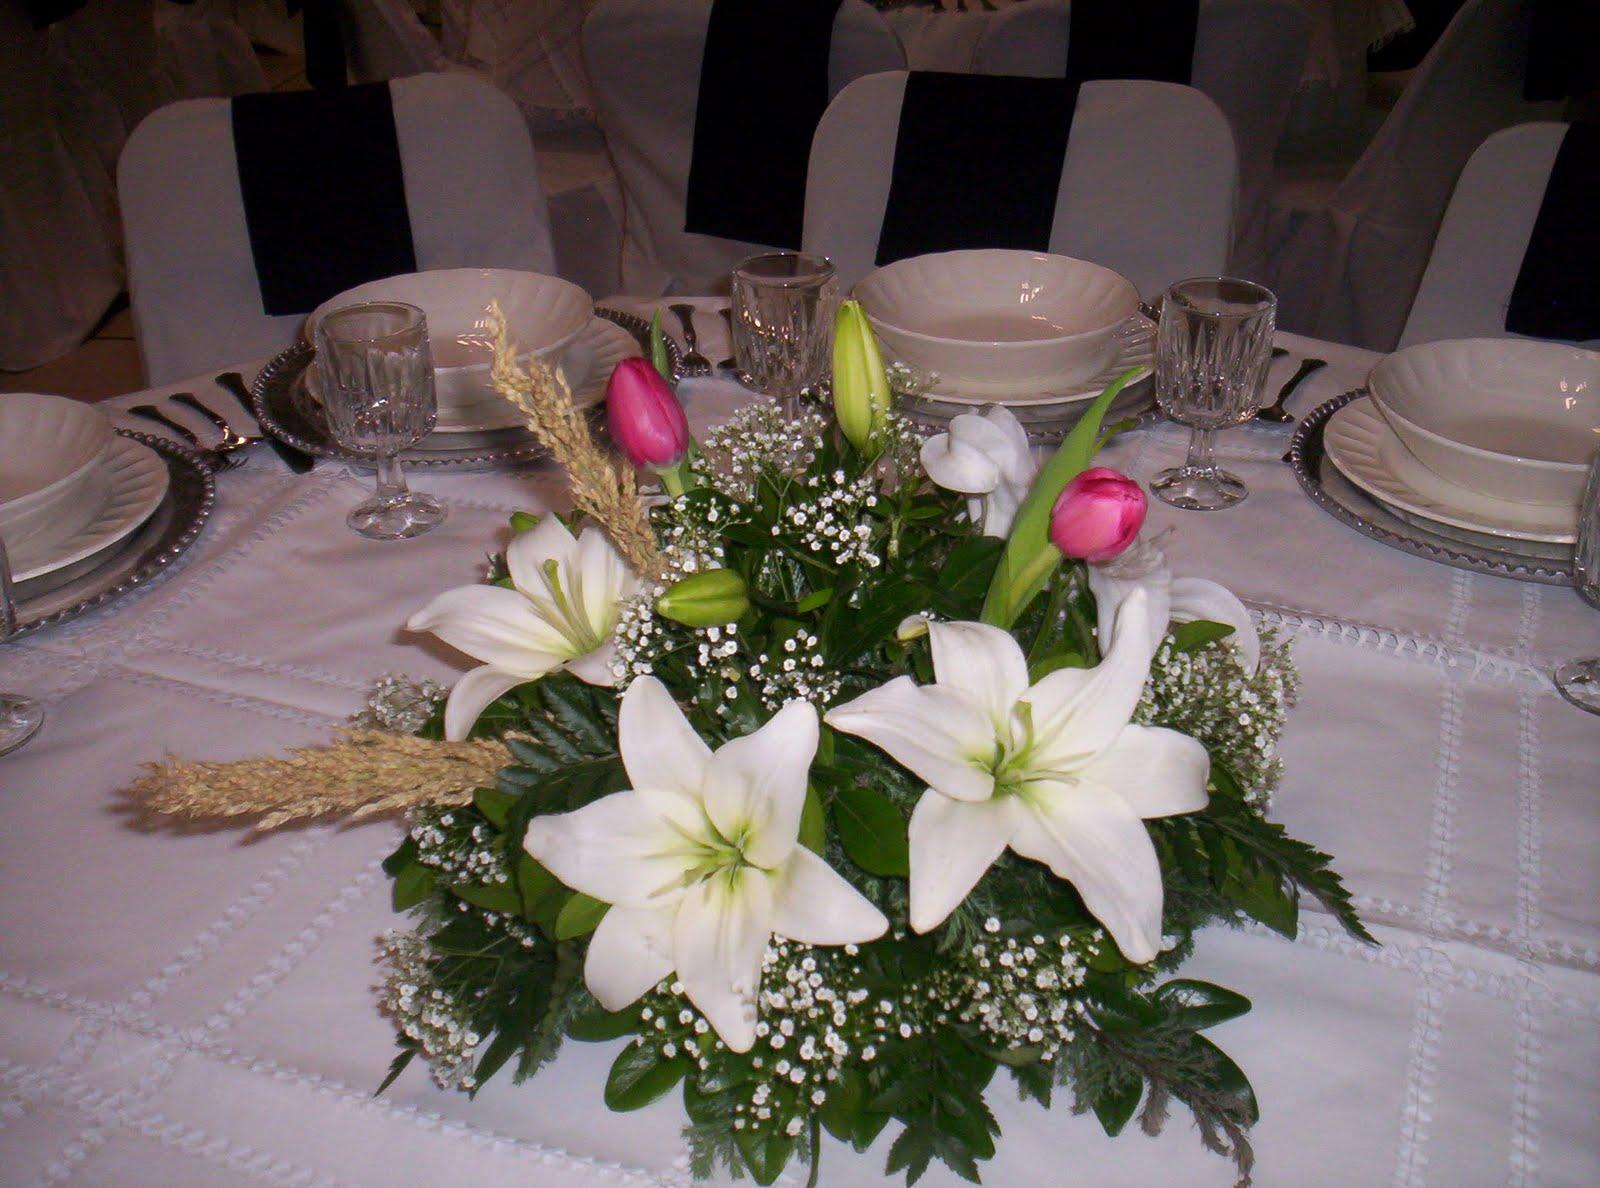 Floreria al natural agosto 2010 for Arreglos de mesa para boda en jardin